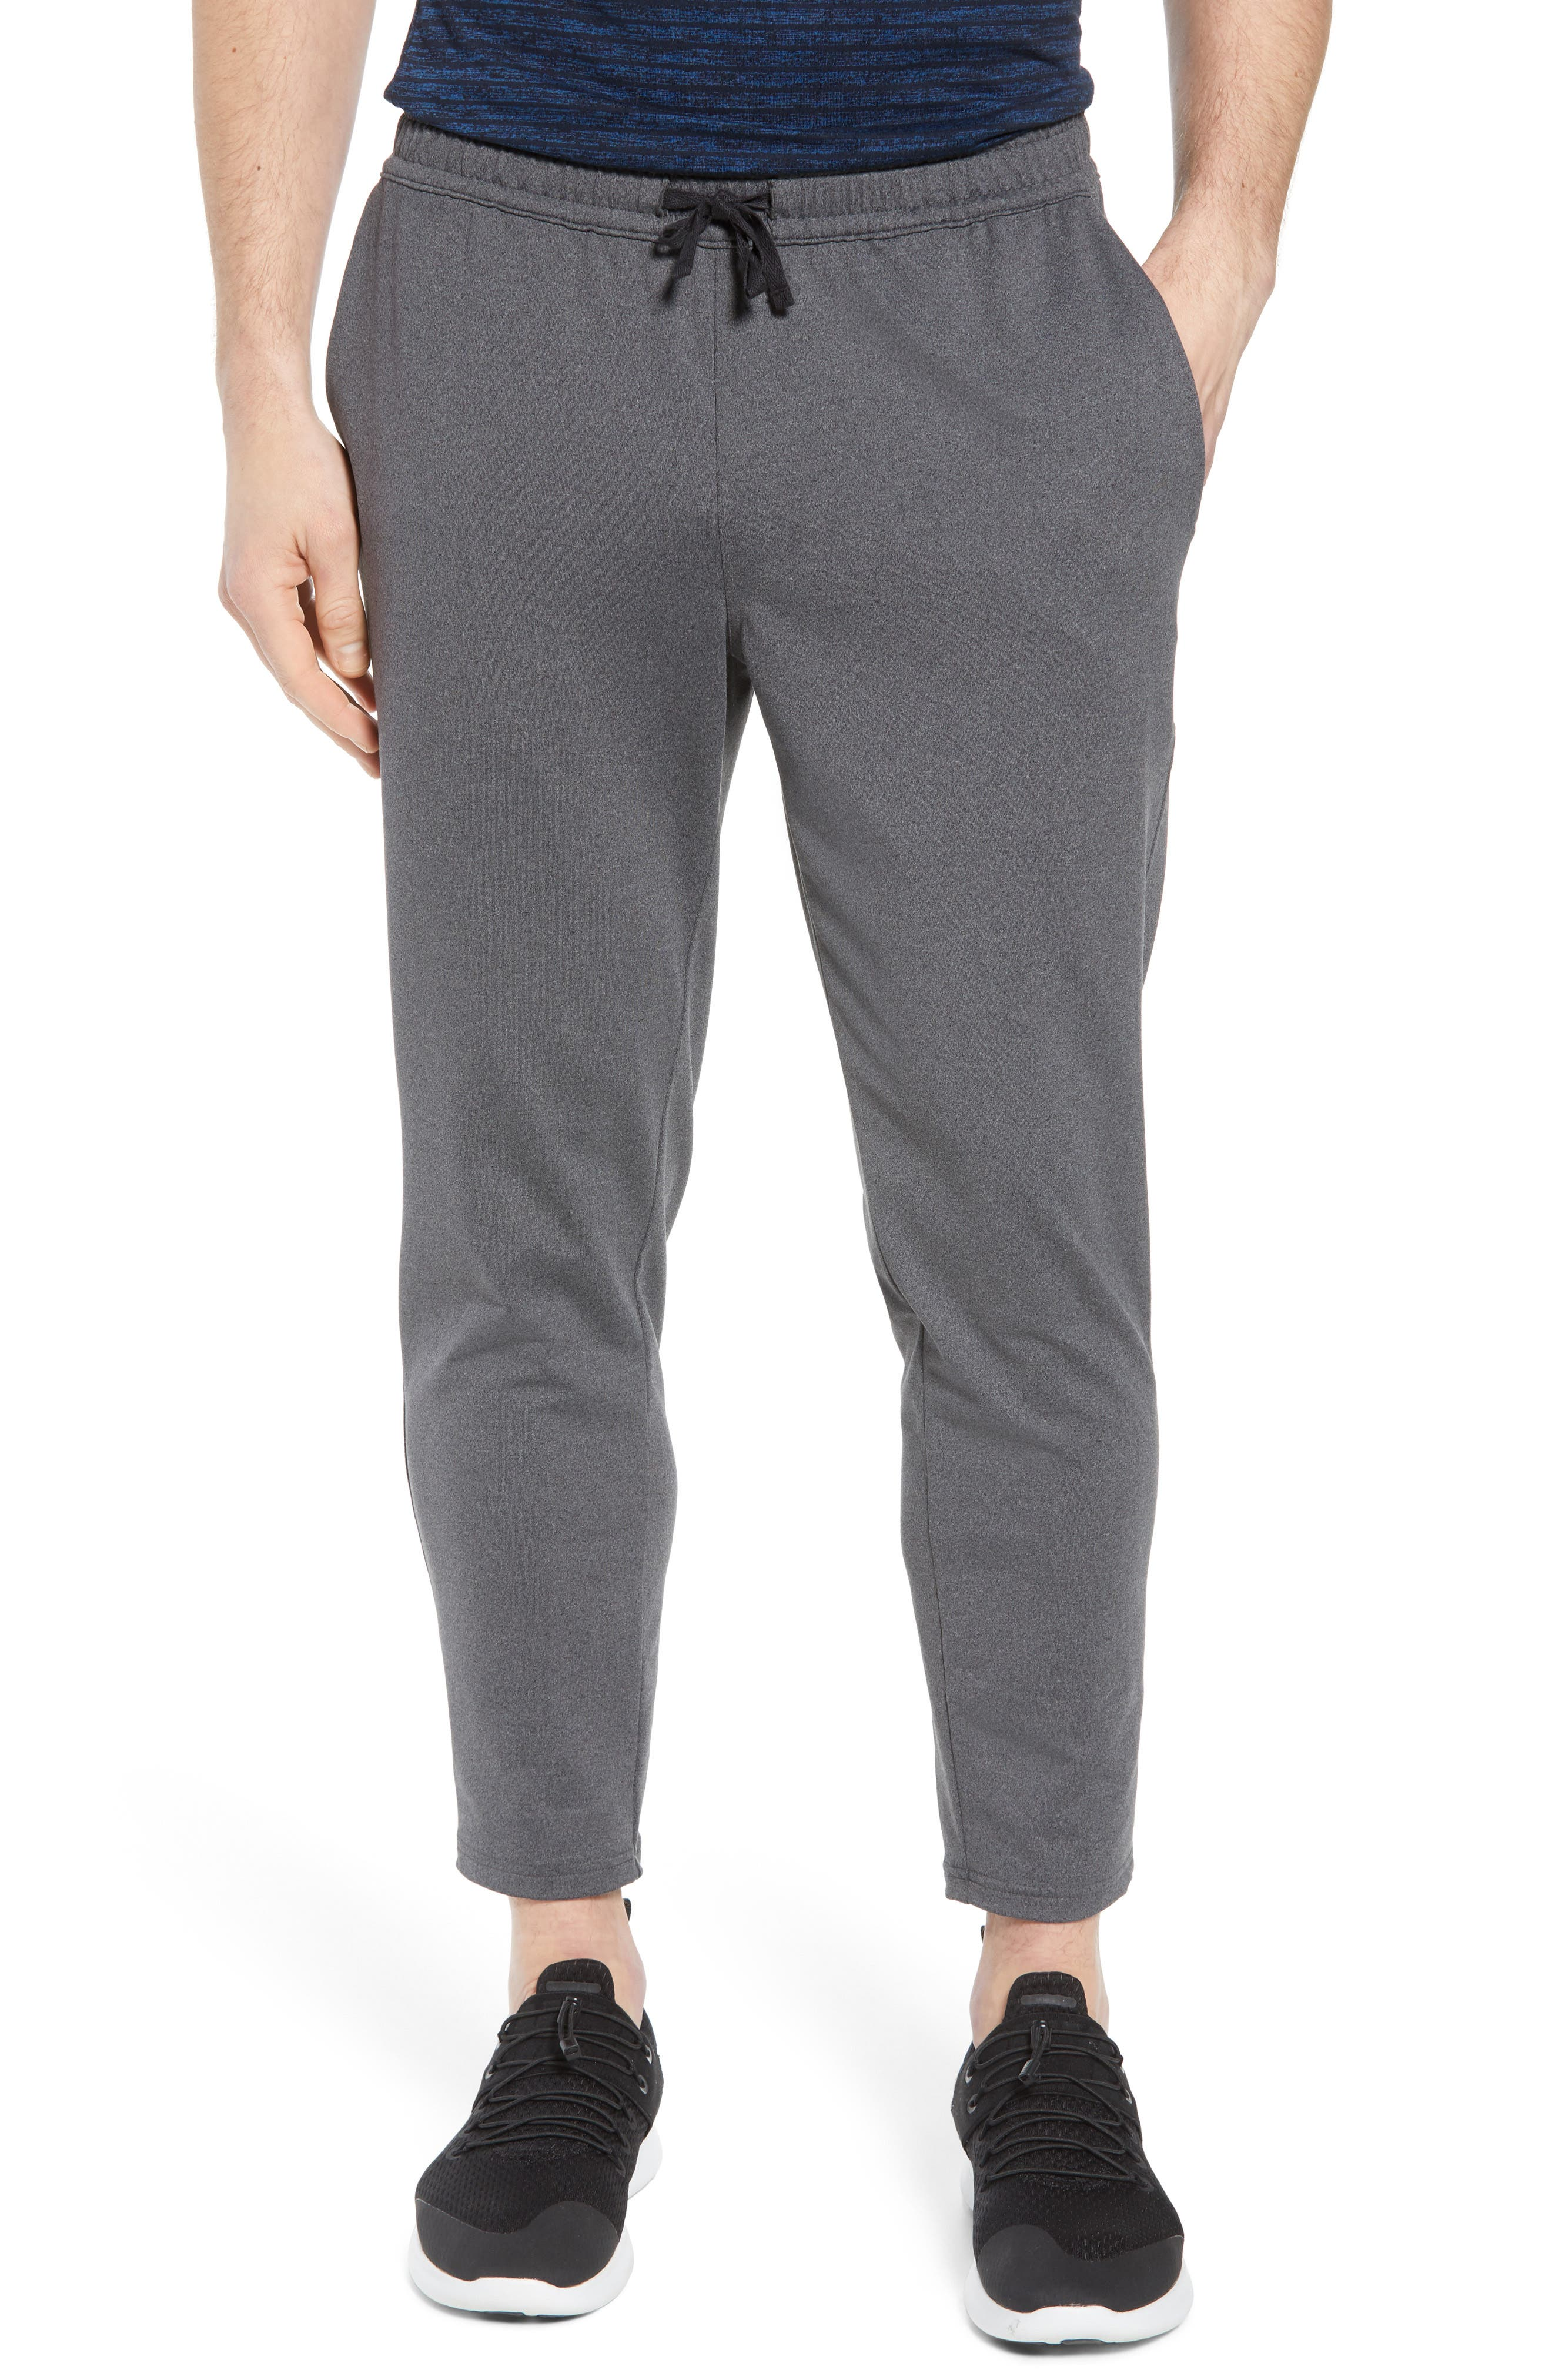 Active Crop Jogger Pants,                         Main,                         color, Grey Obsidian Melange